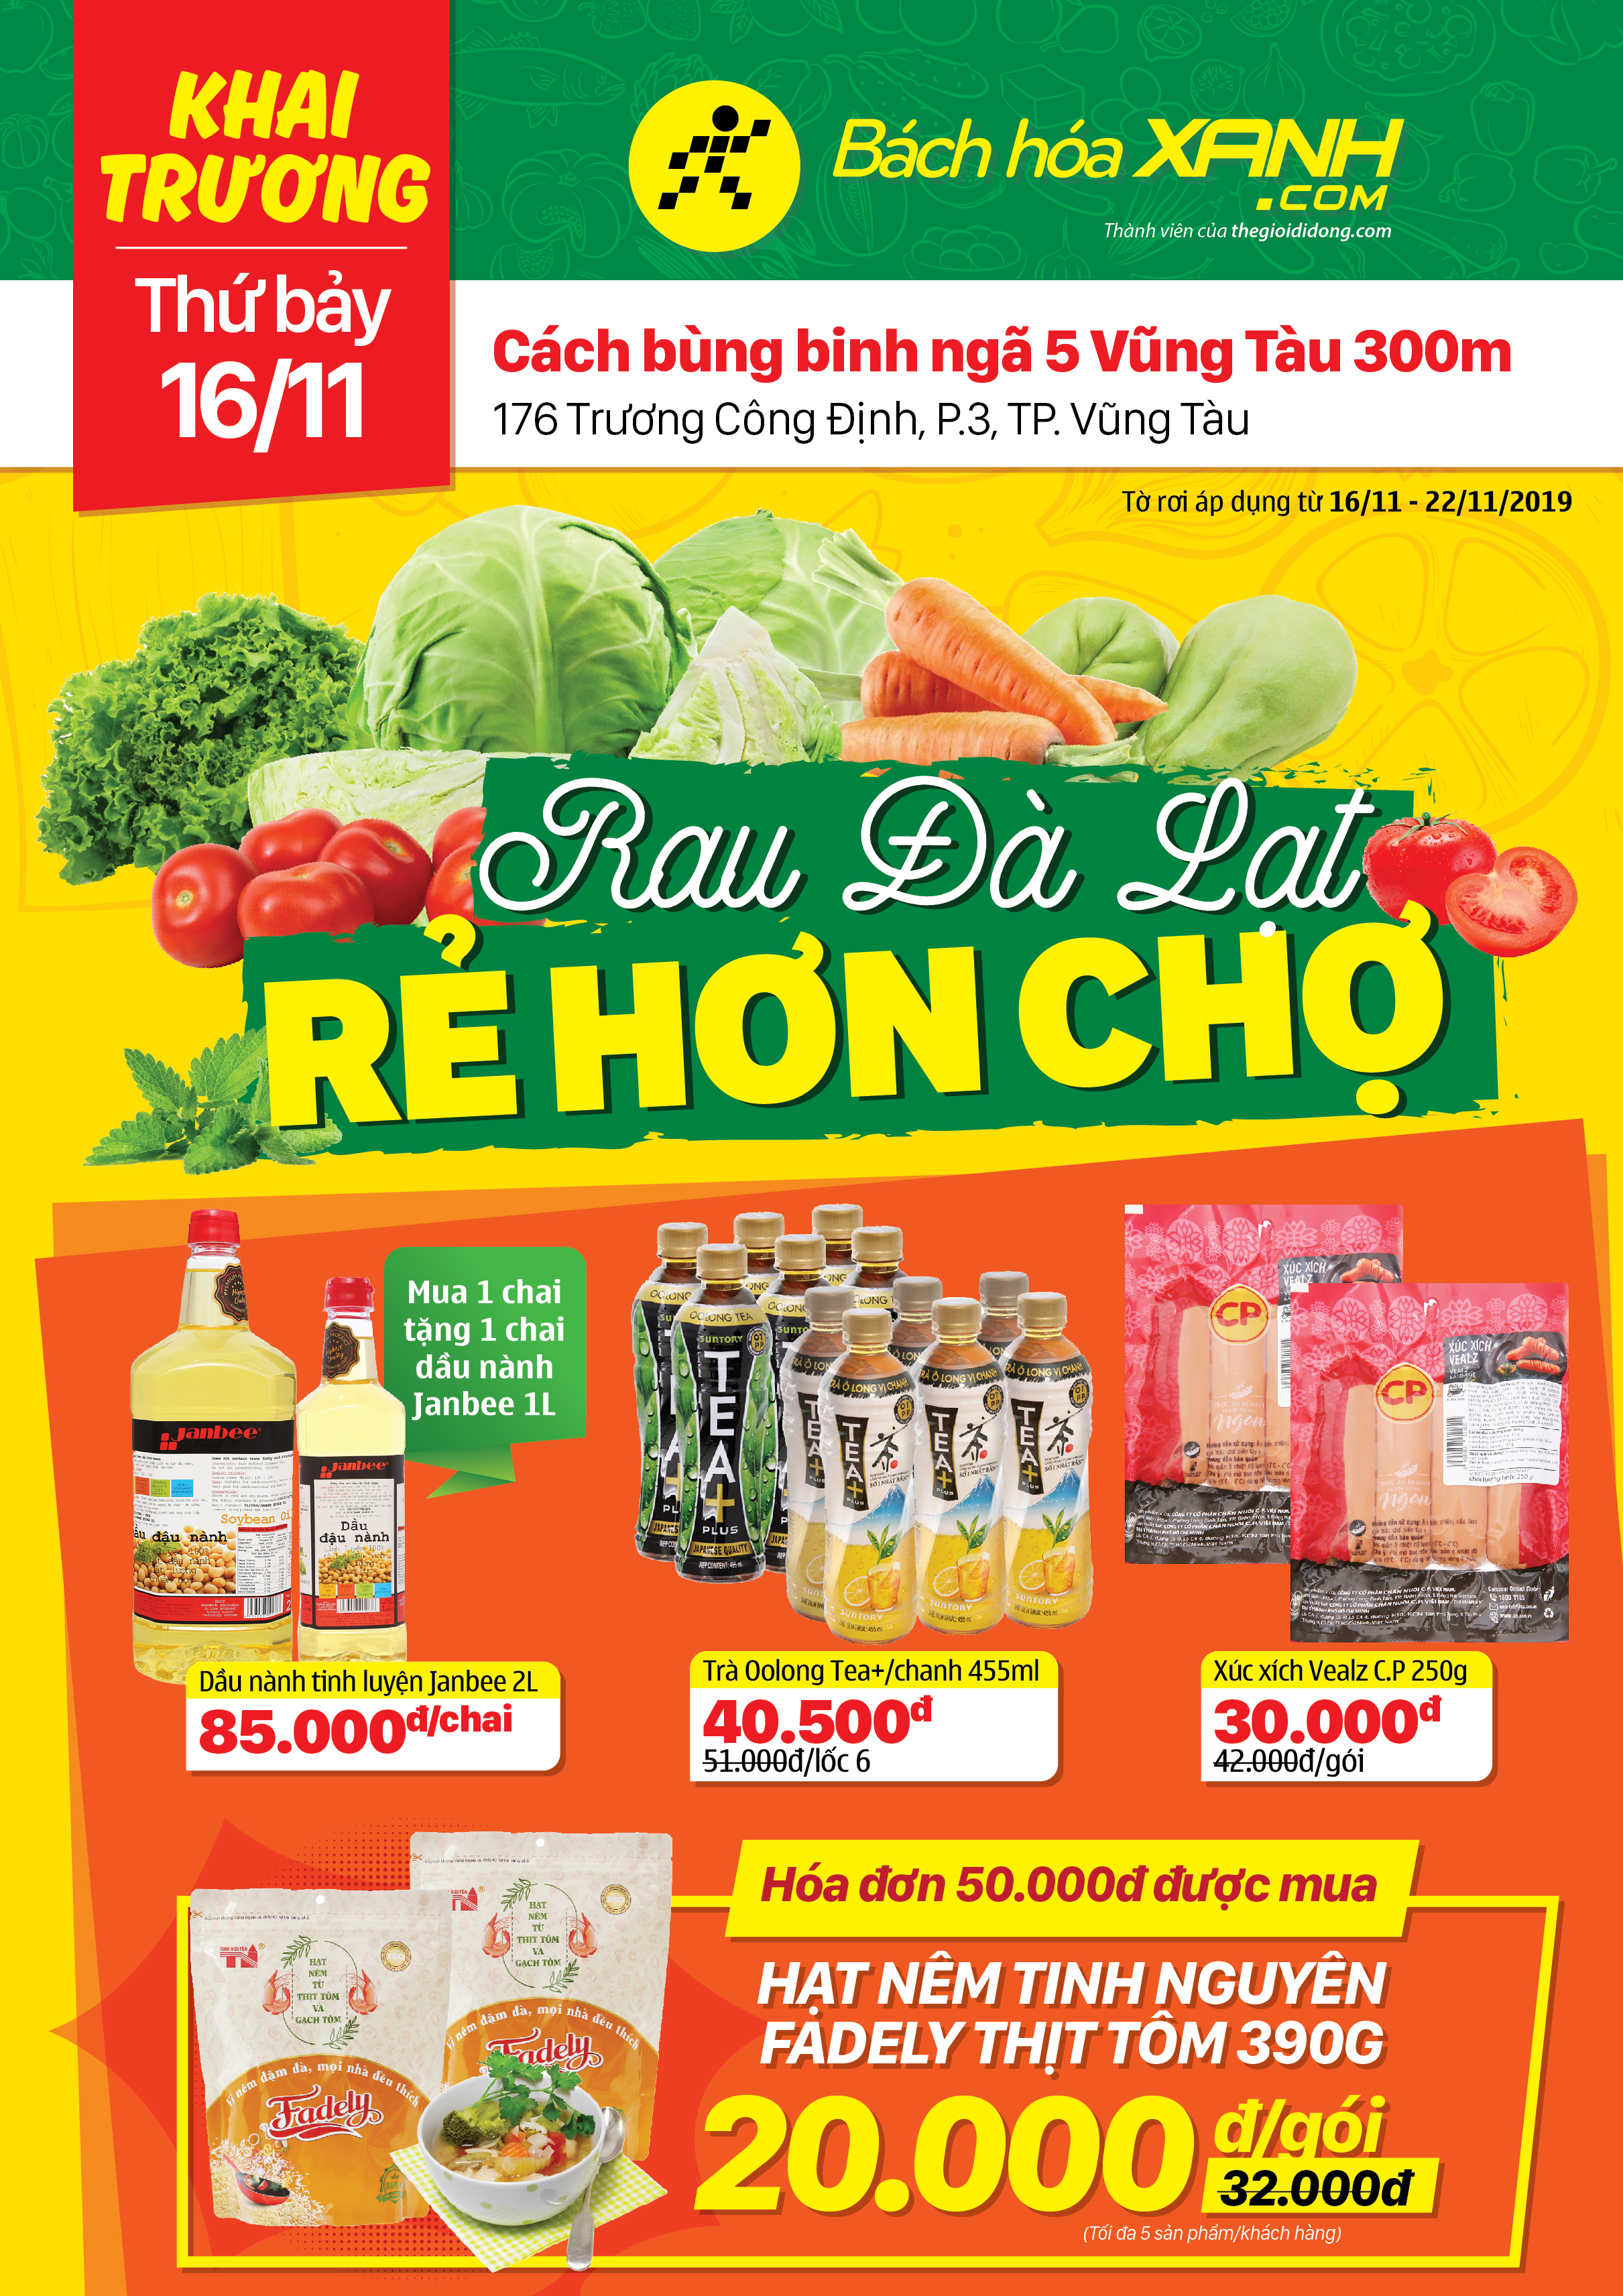 Cửa hàng Bách hoá XANH 176 Trương Công Định khai trương 16/11/2019